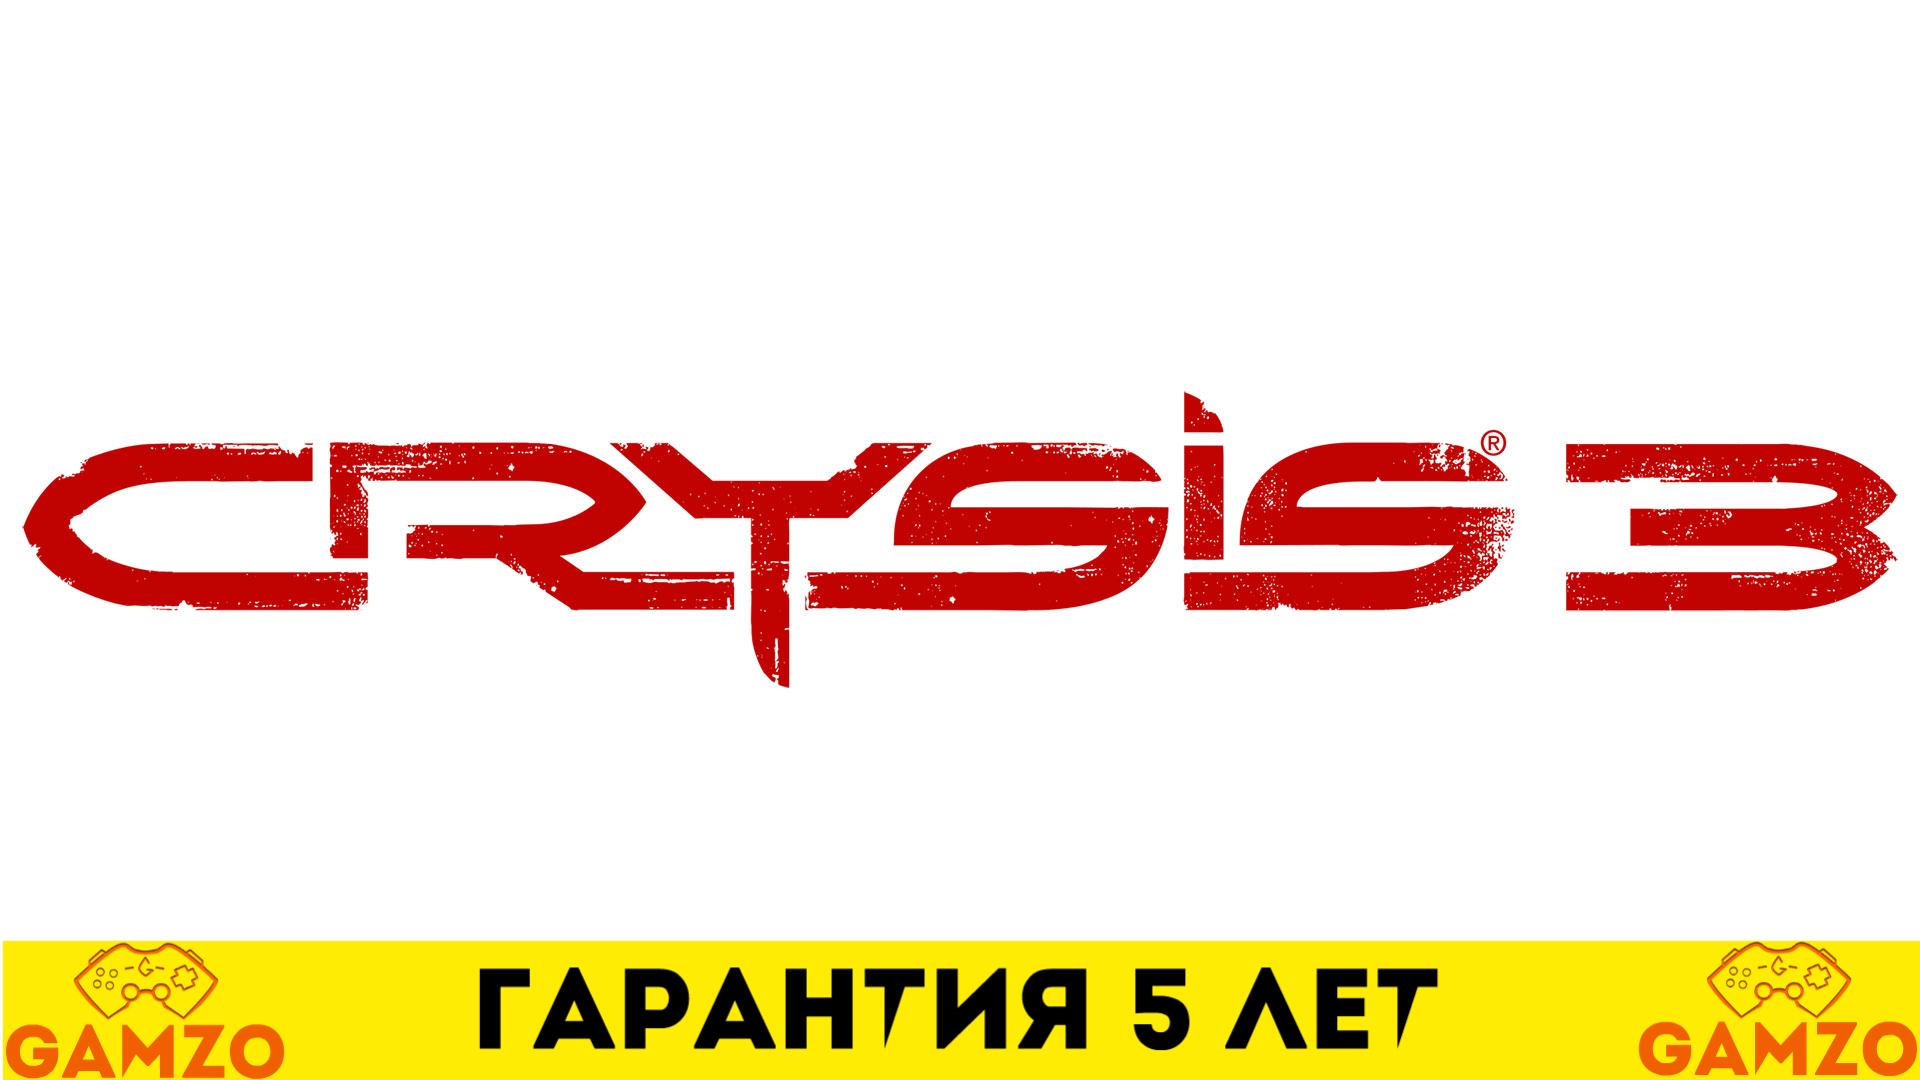 Crysis 3 [Гарантия 5 лет] + Подарок